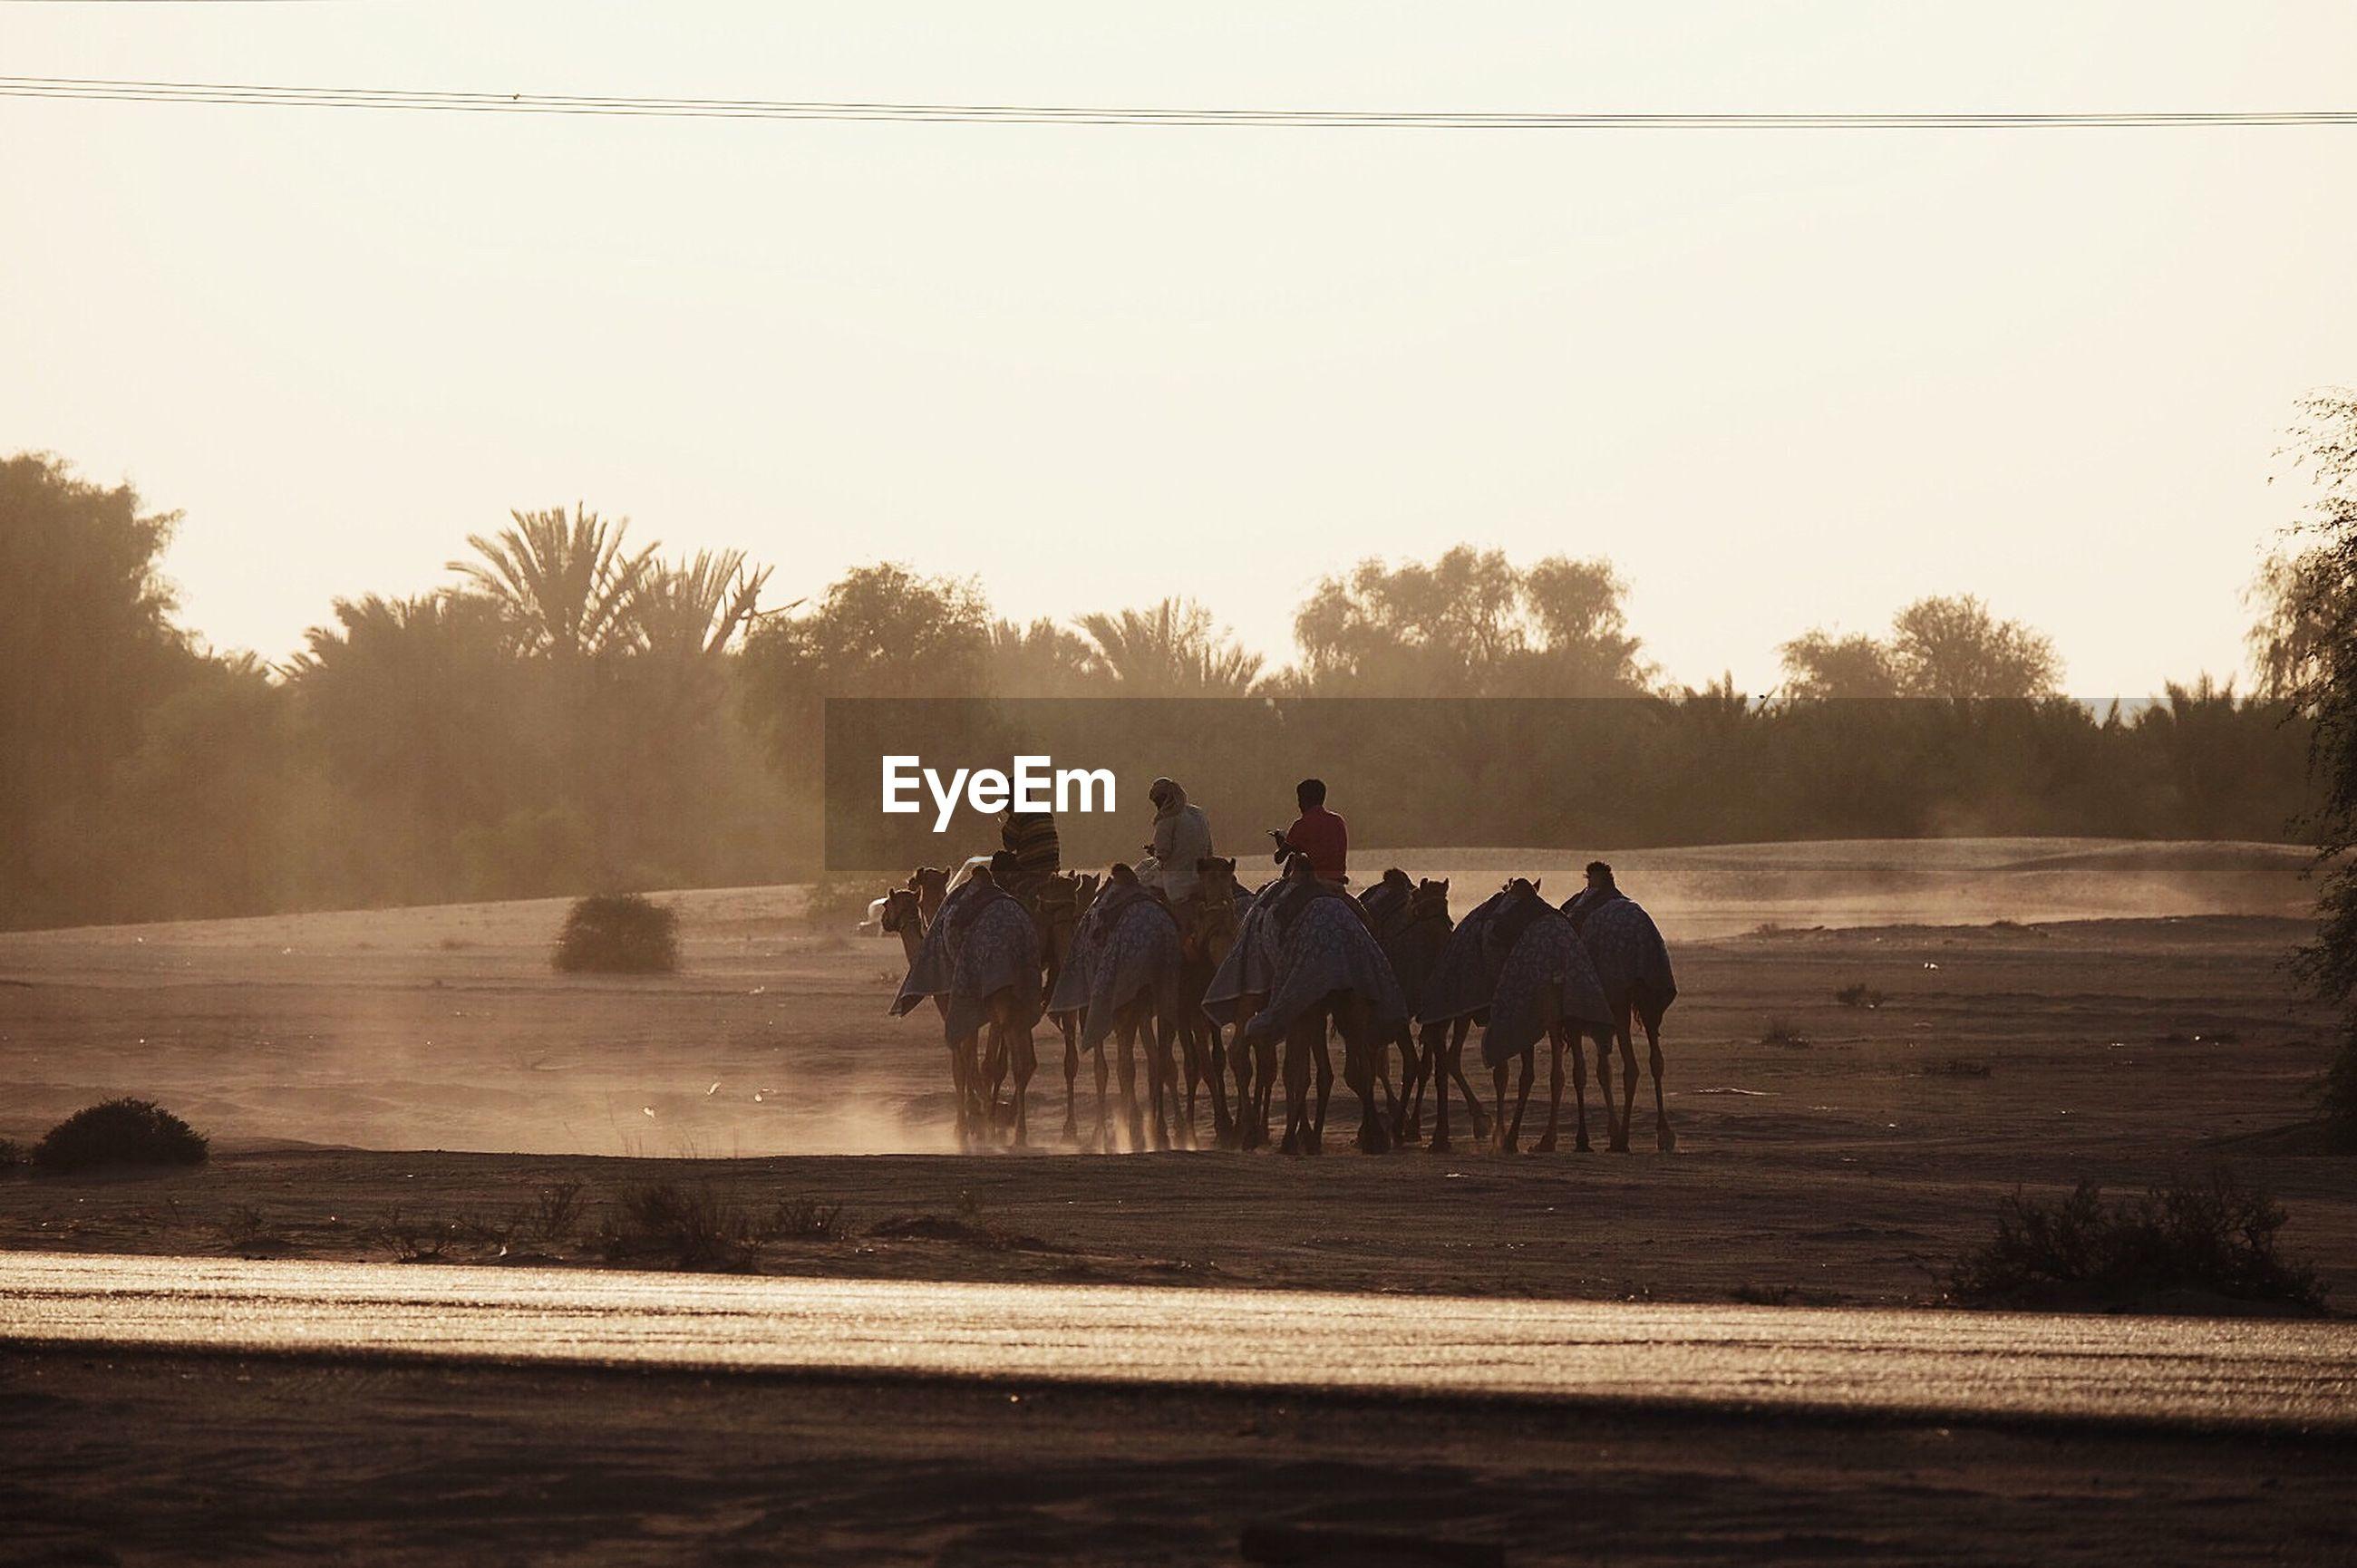 Men riding camel in desert against sky